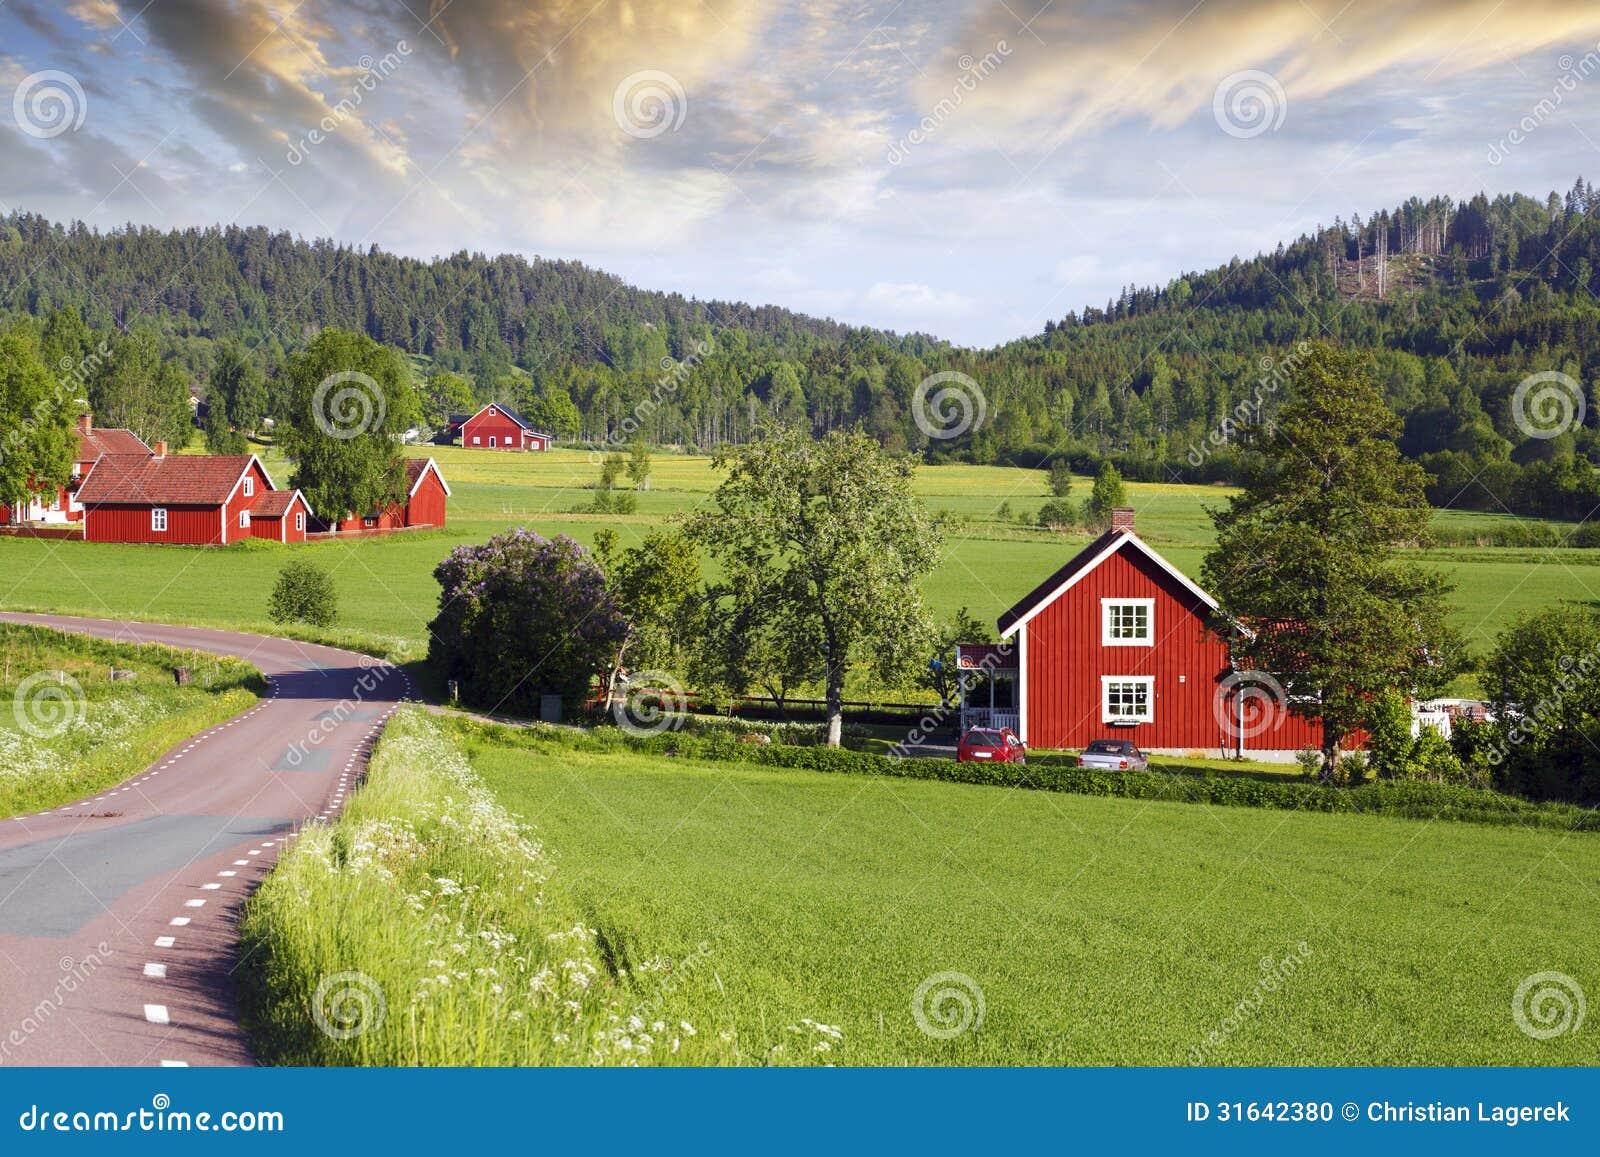 Oude rode landbouwbedrijven in een groen landschap